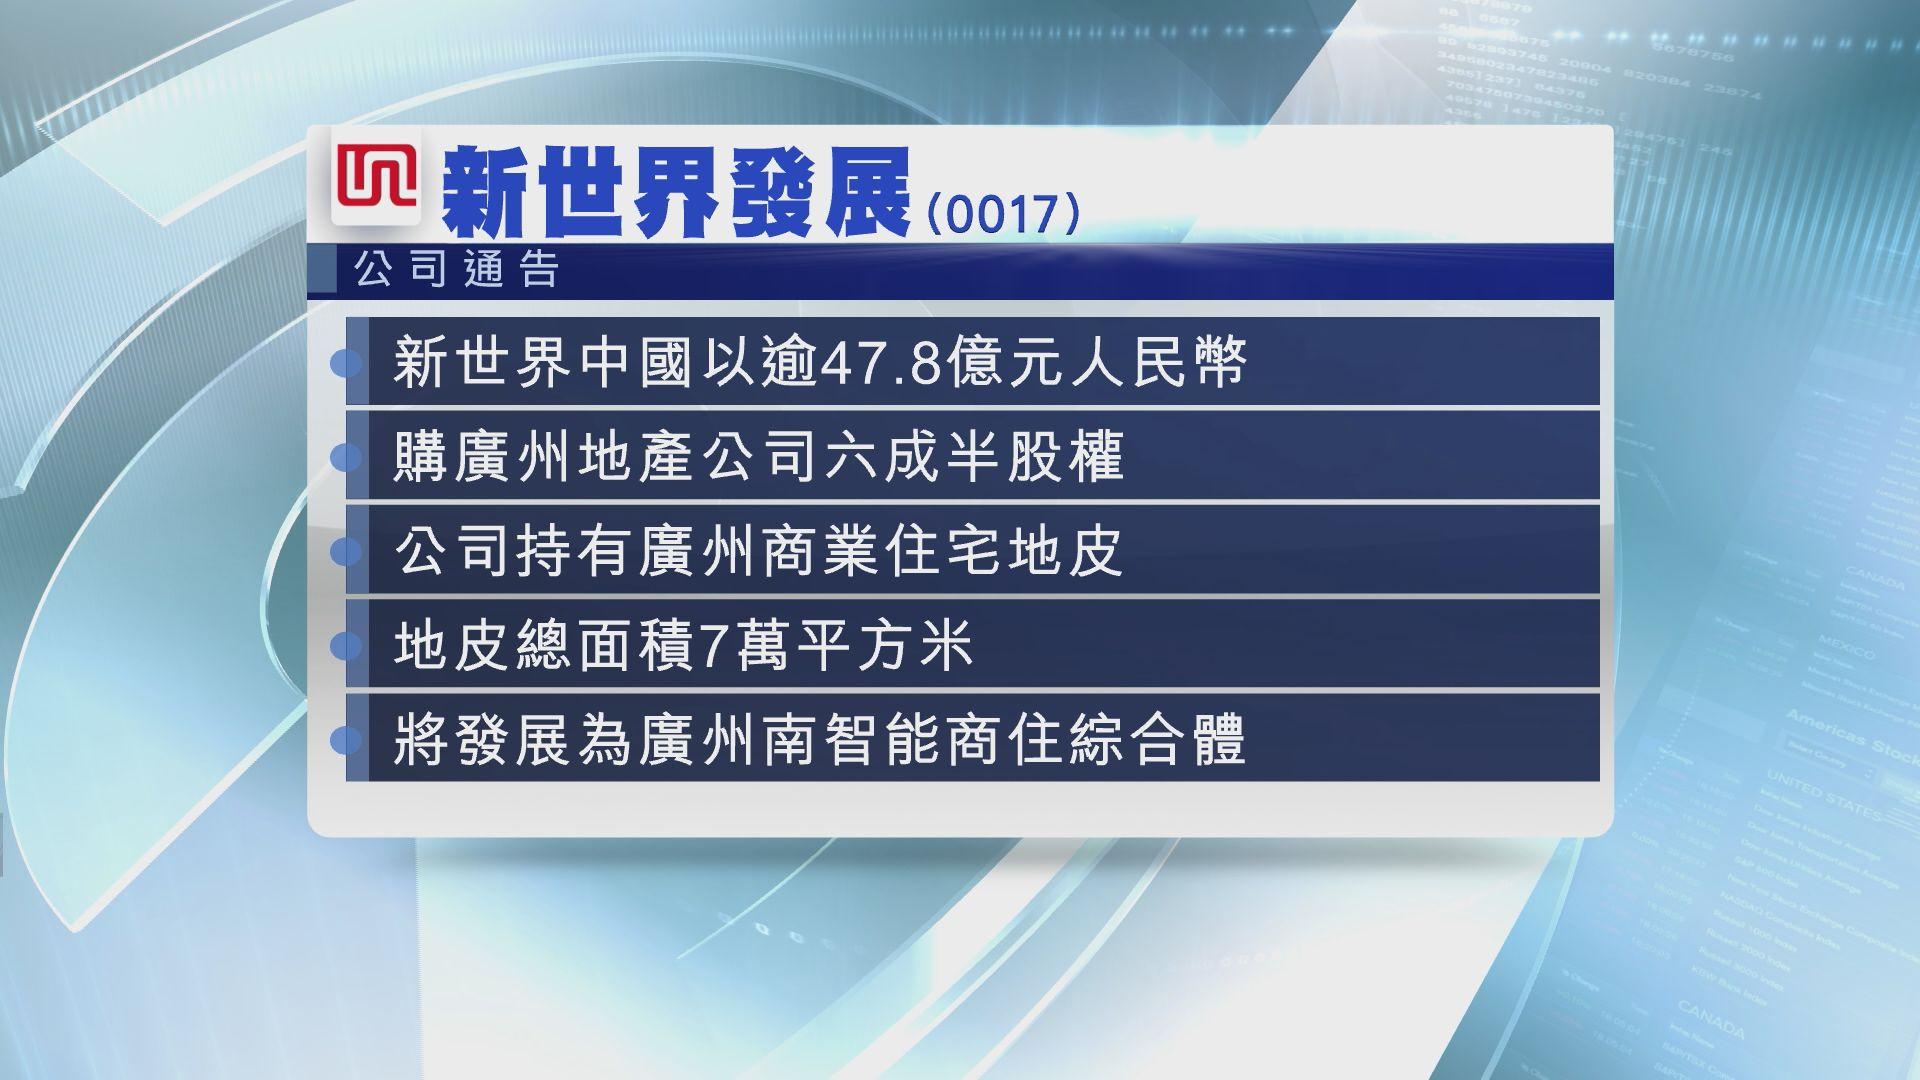 【大灣區戰略部署】新世界斥逾47億人幣購廣州商住地